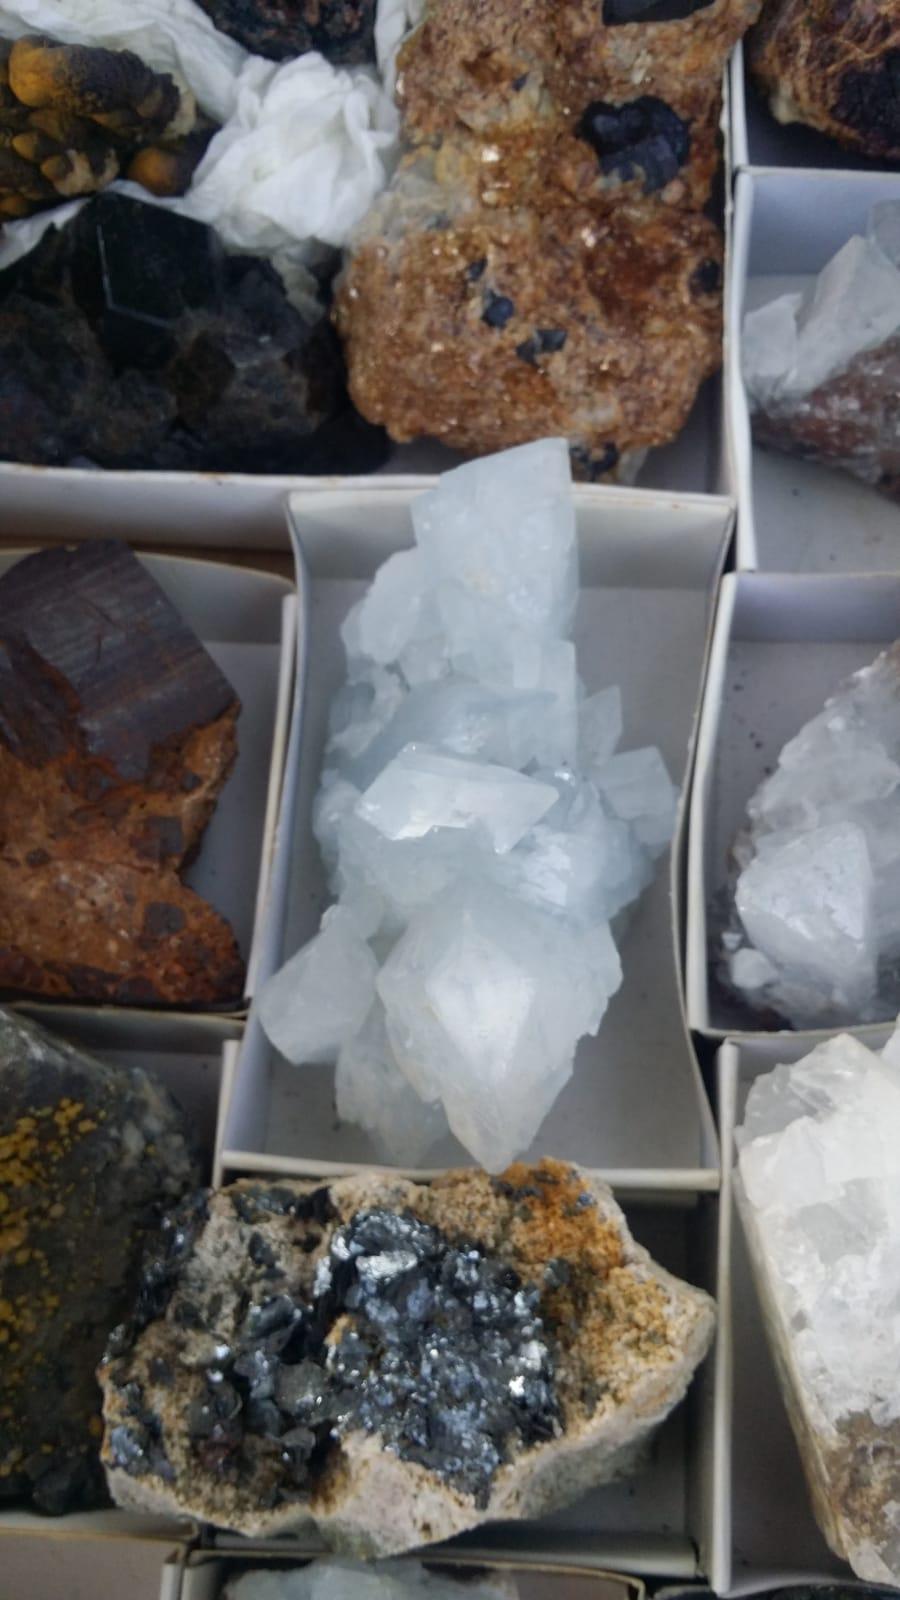 I Feria de minerales intercambio y venta de Cártama (MÁLAGA) - Página 7 Img-2101